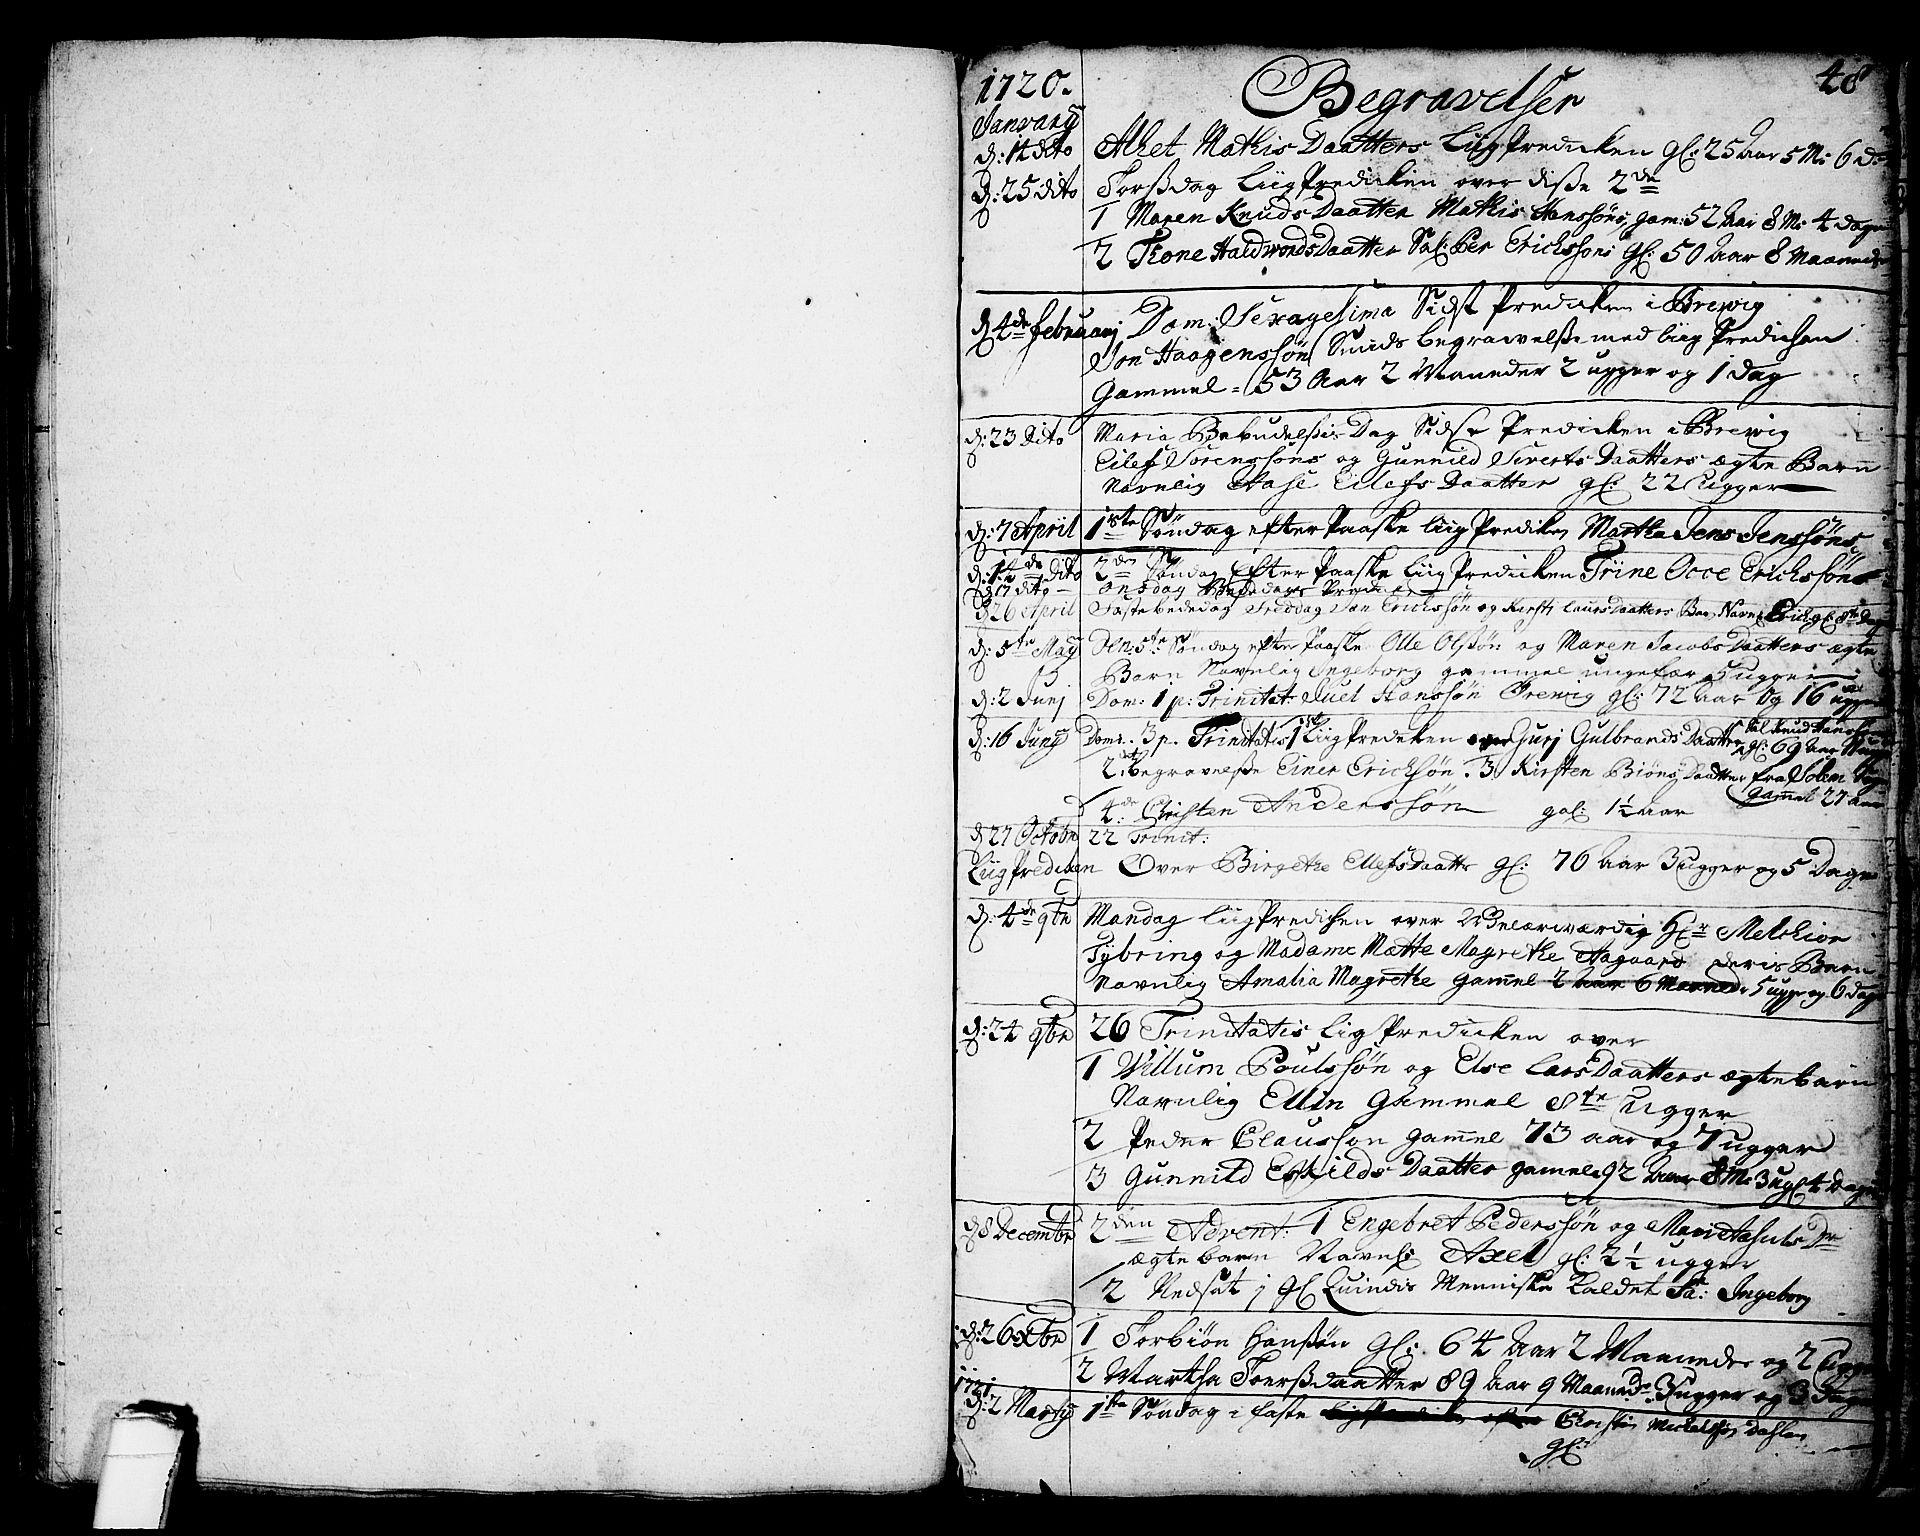 SAKO, Brevik kirkebøker, F/Fa/L0002: Ministerialbok nr. 2, 1720-1764, s. 48